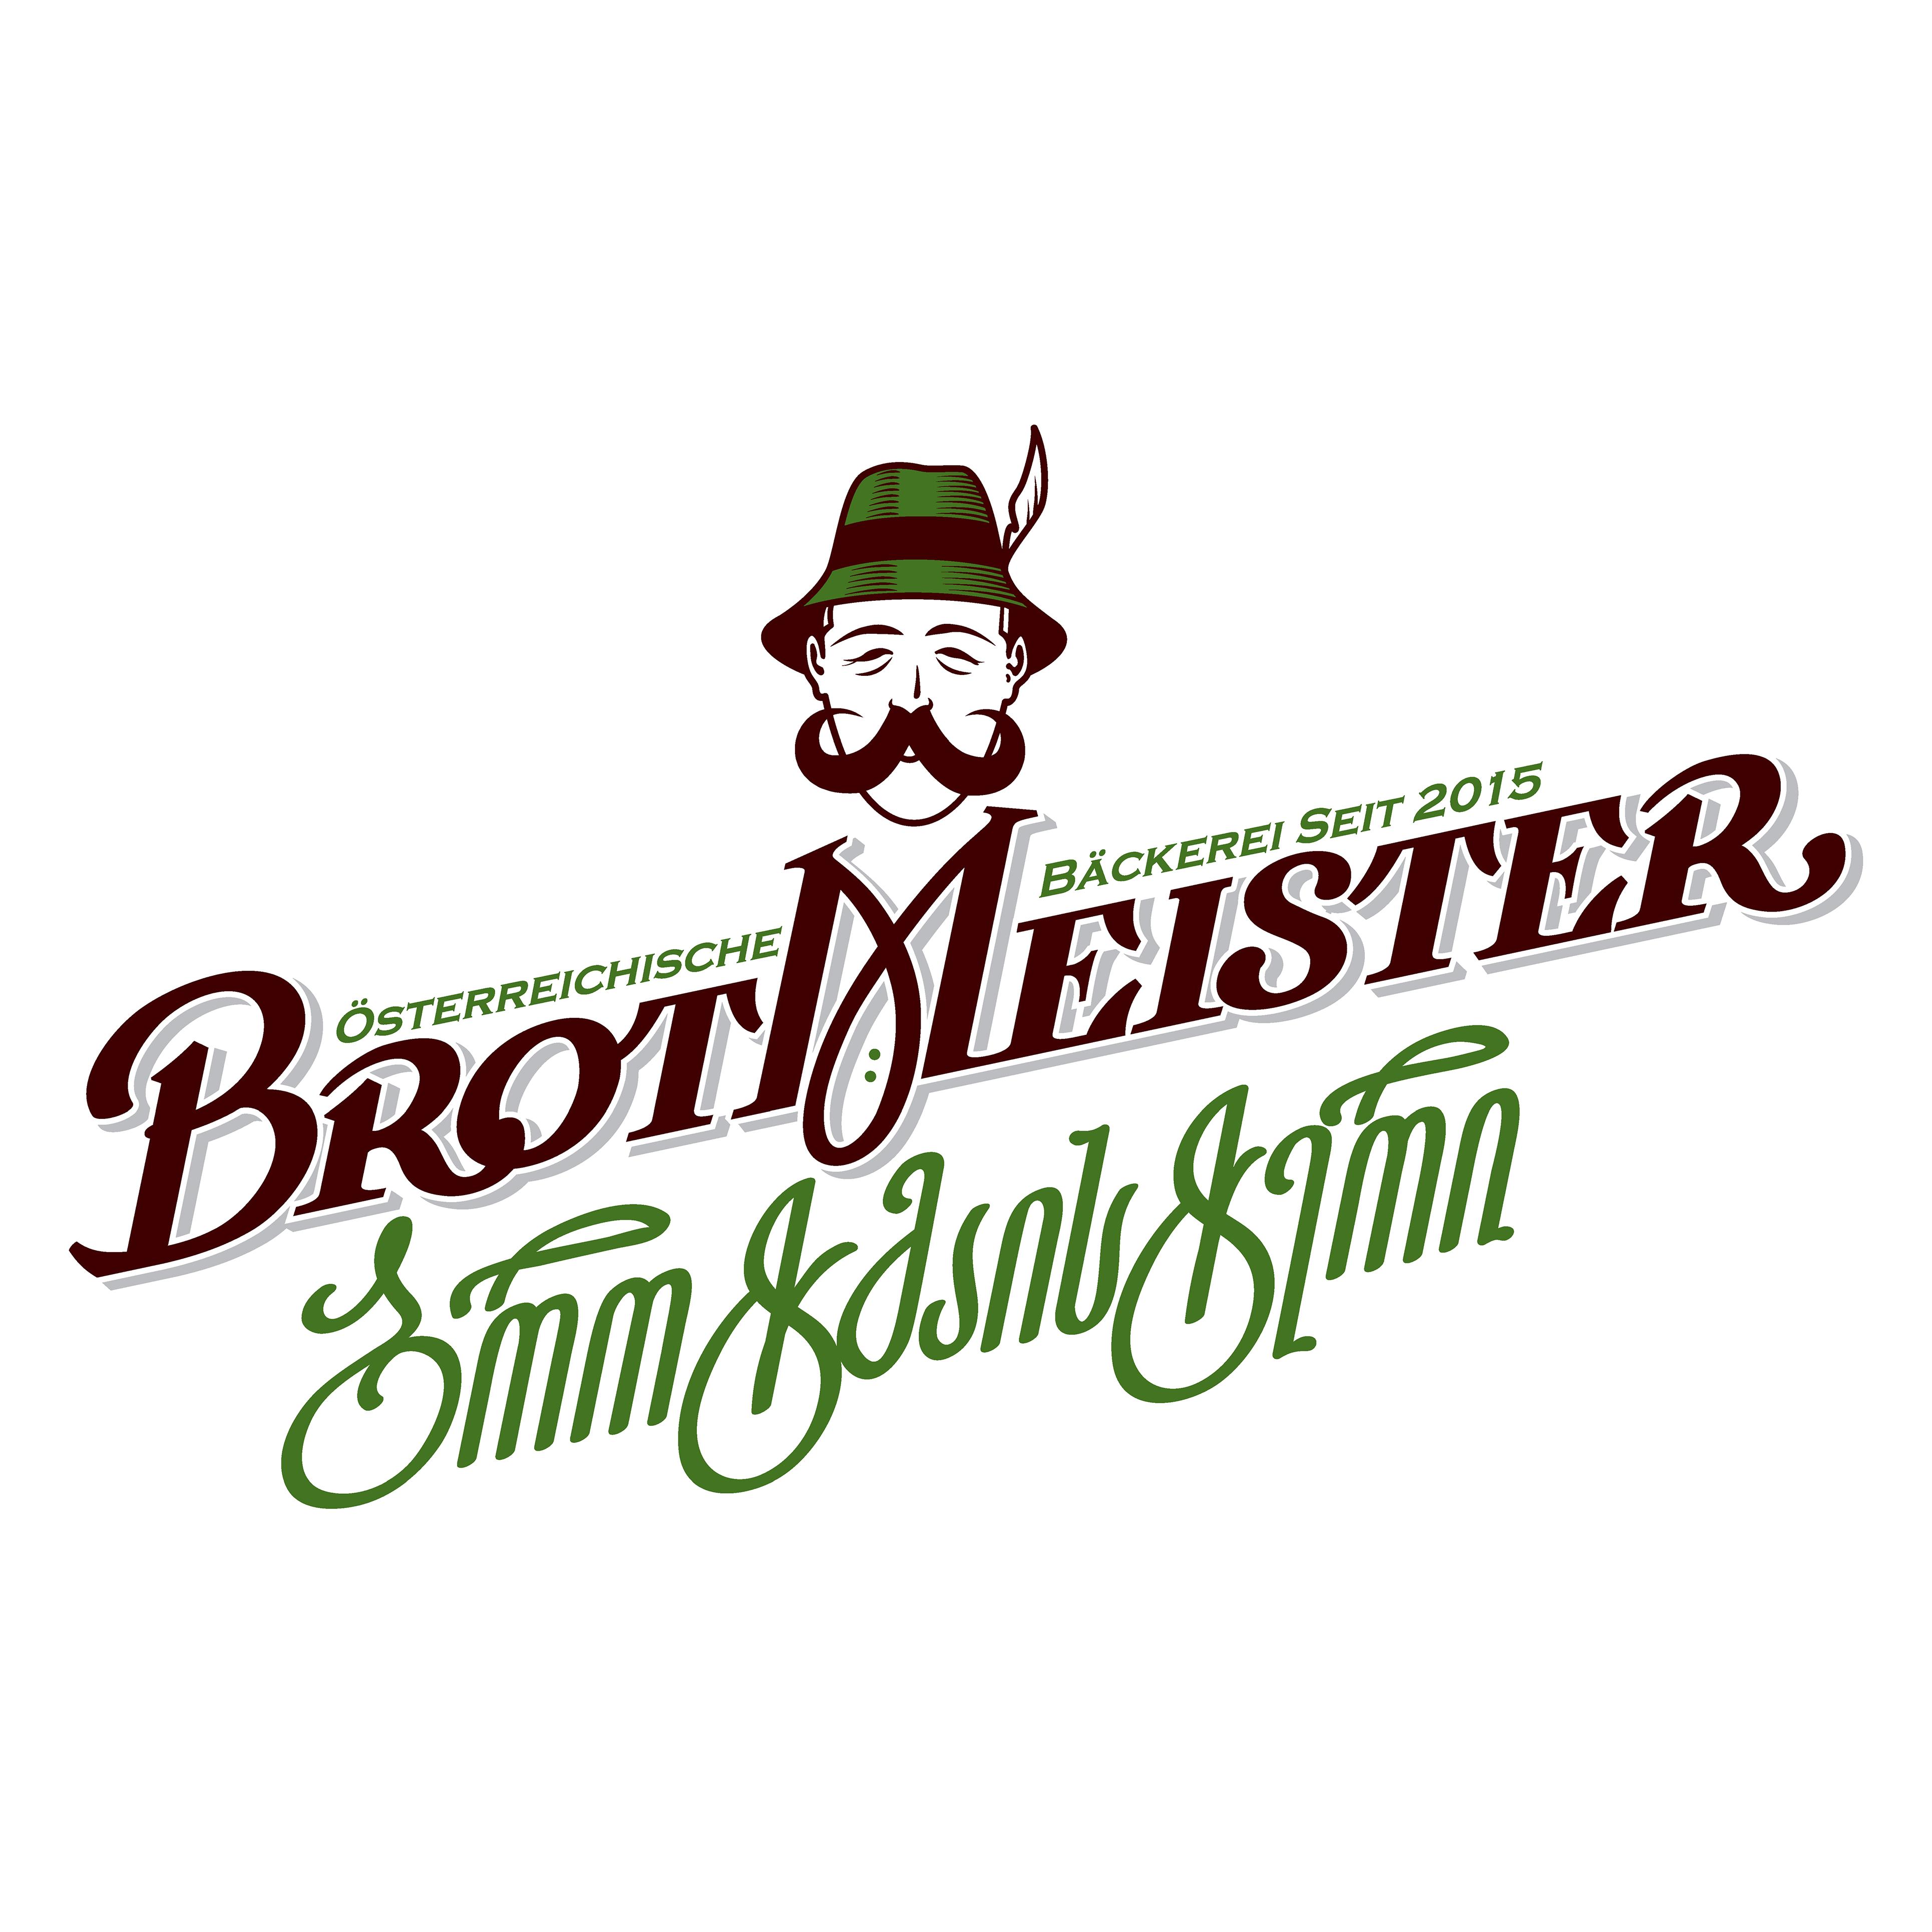 Brotmeister